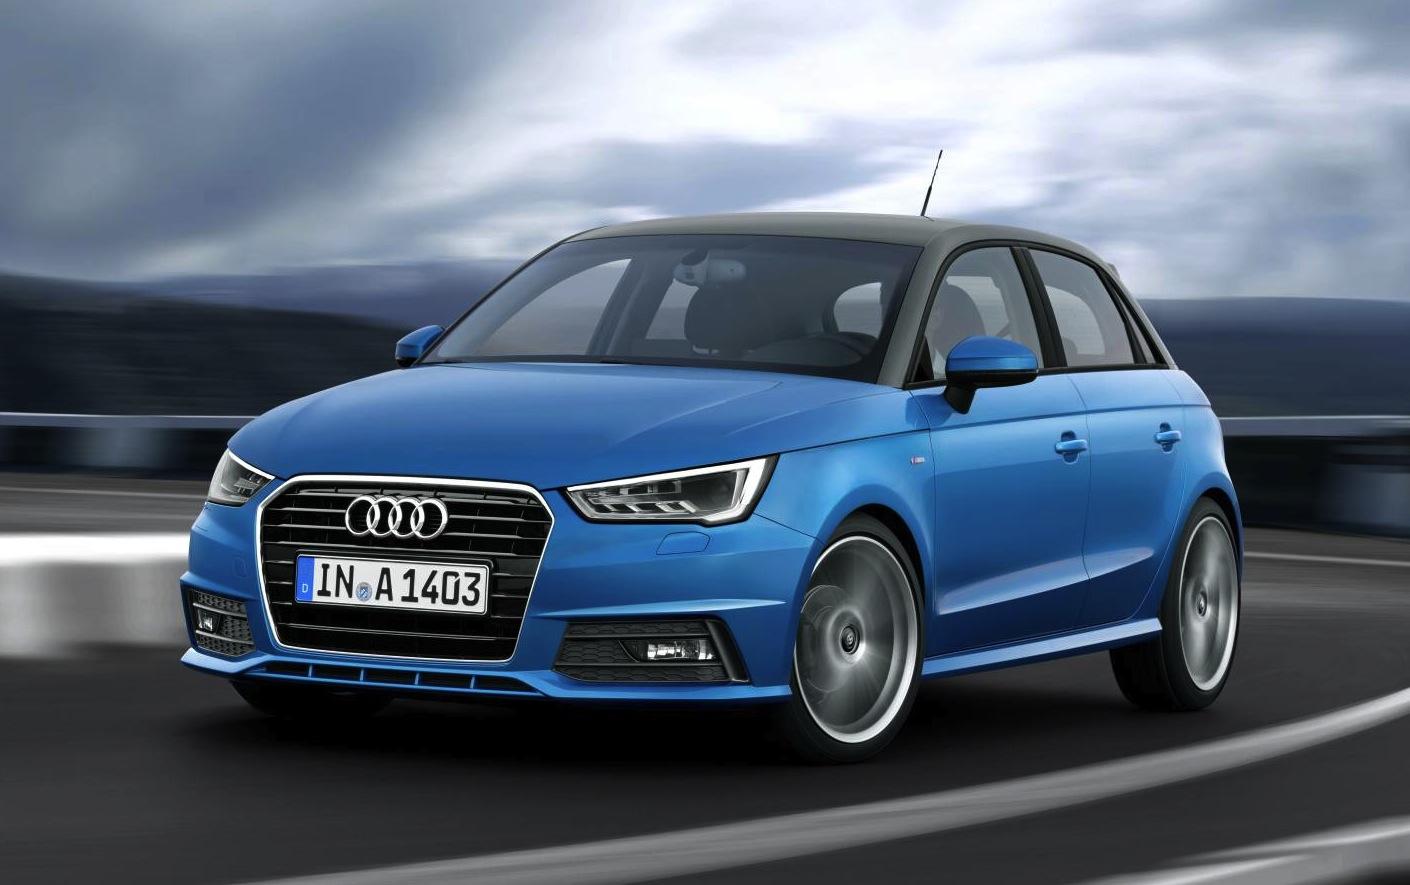 Ауди A1 оставляет автомобильный рынок РФ